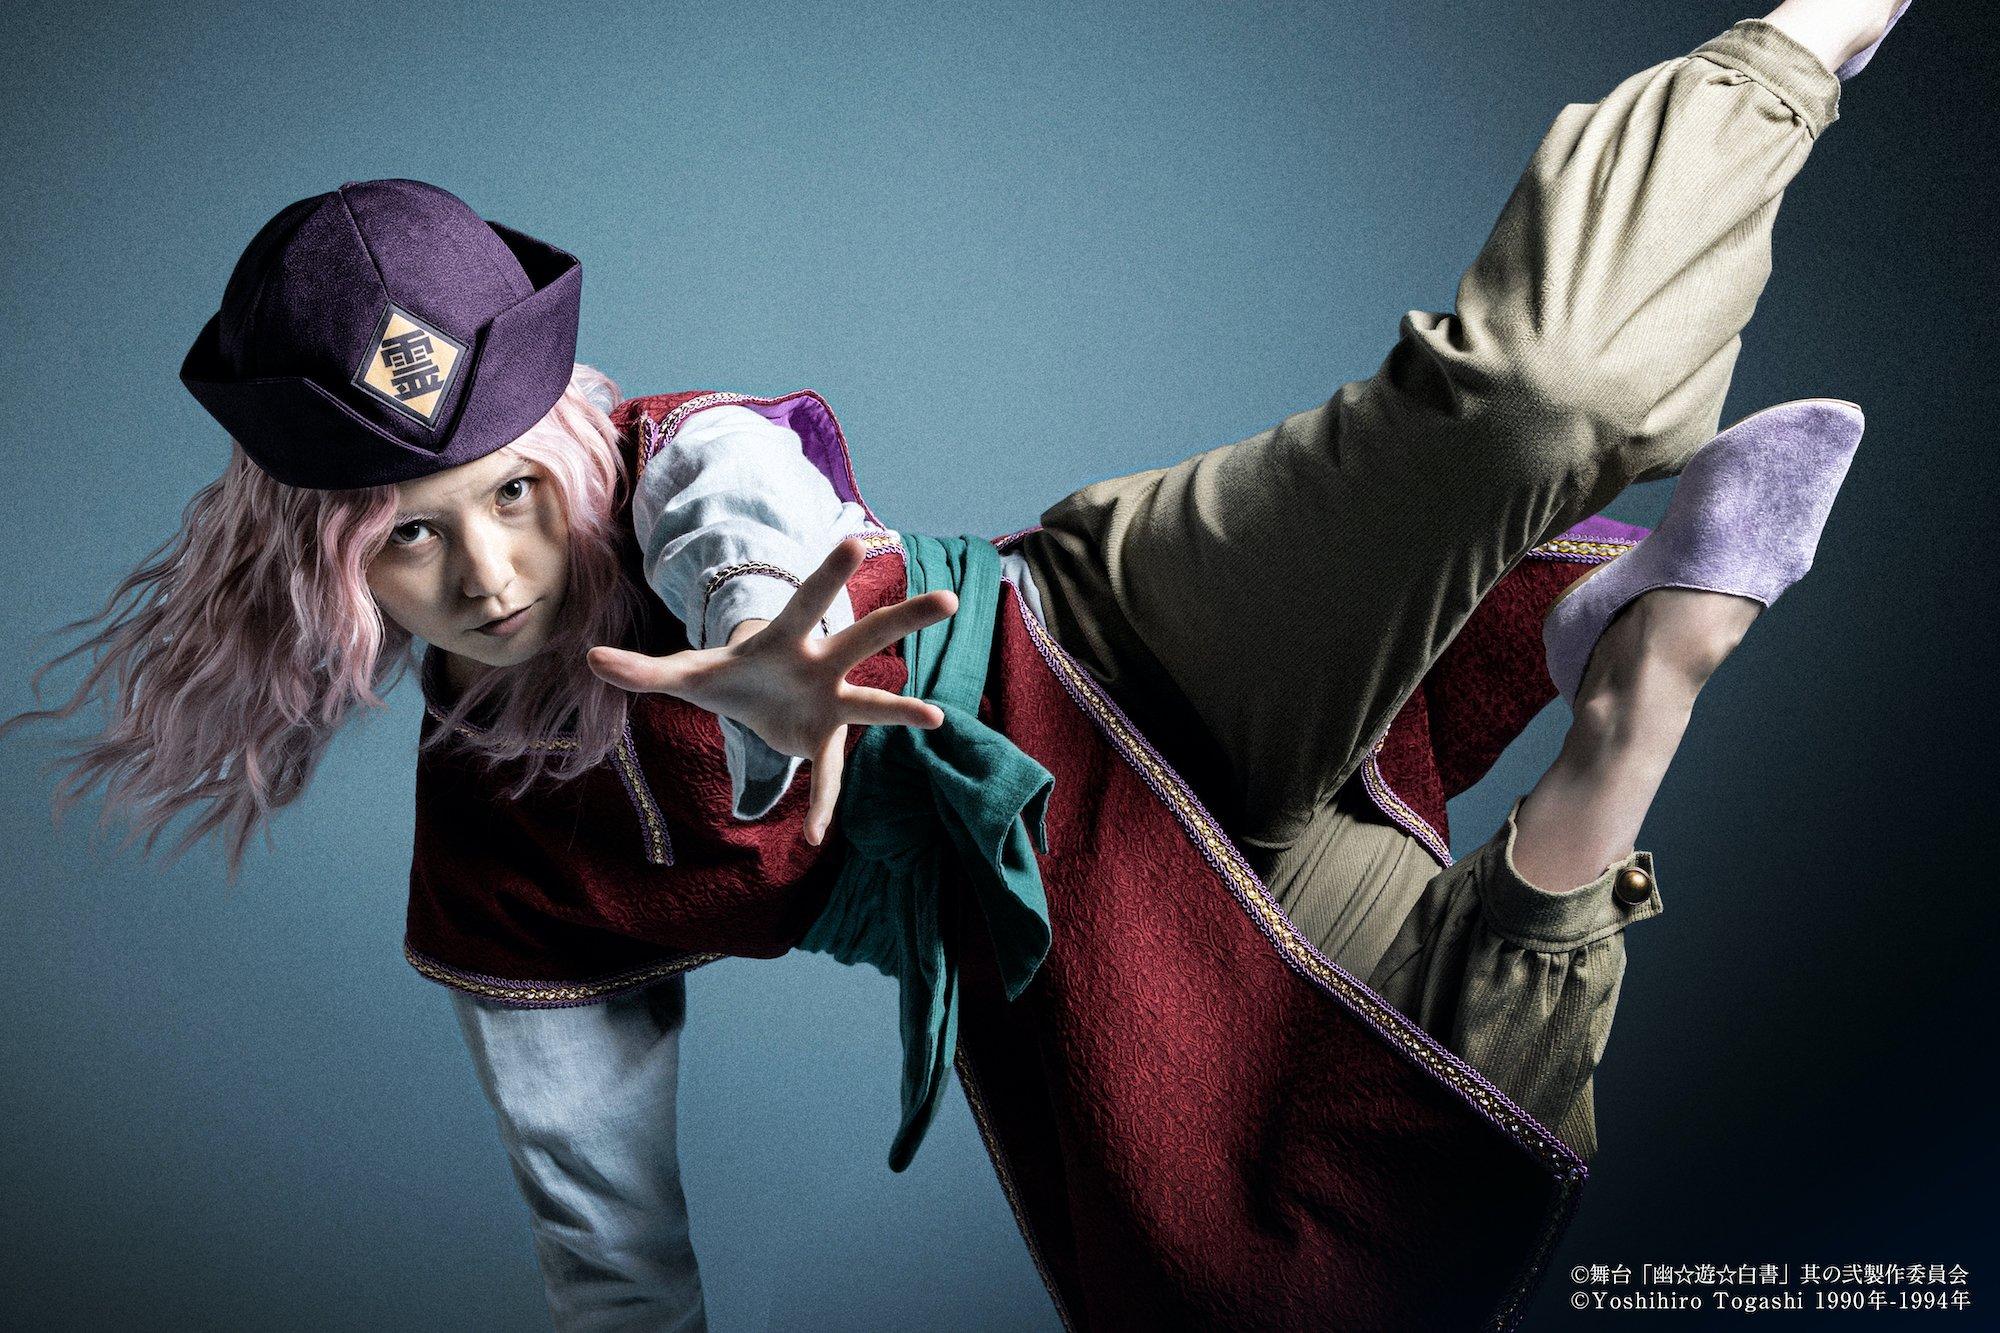 舞台『幽☆遊☆白書』全キャラクターのビジュアル解禁!戸愚呂兄弟&朱雀もお披露目にの画像007